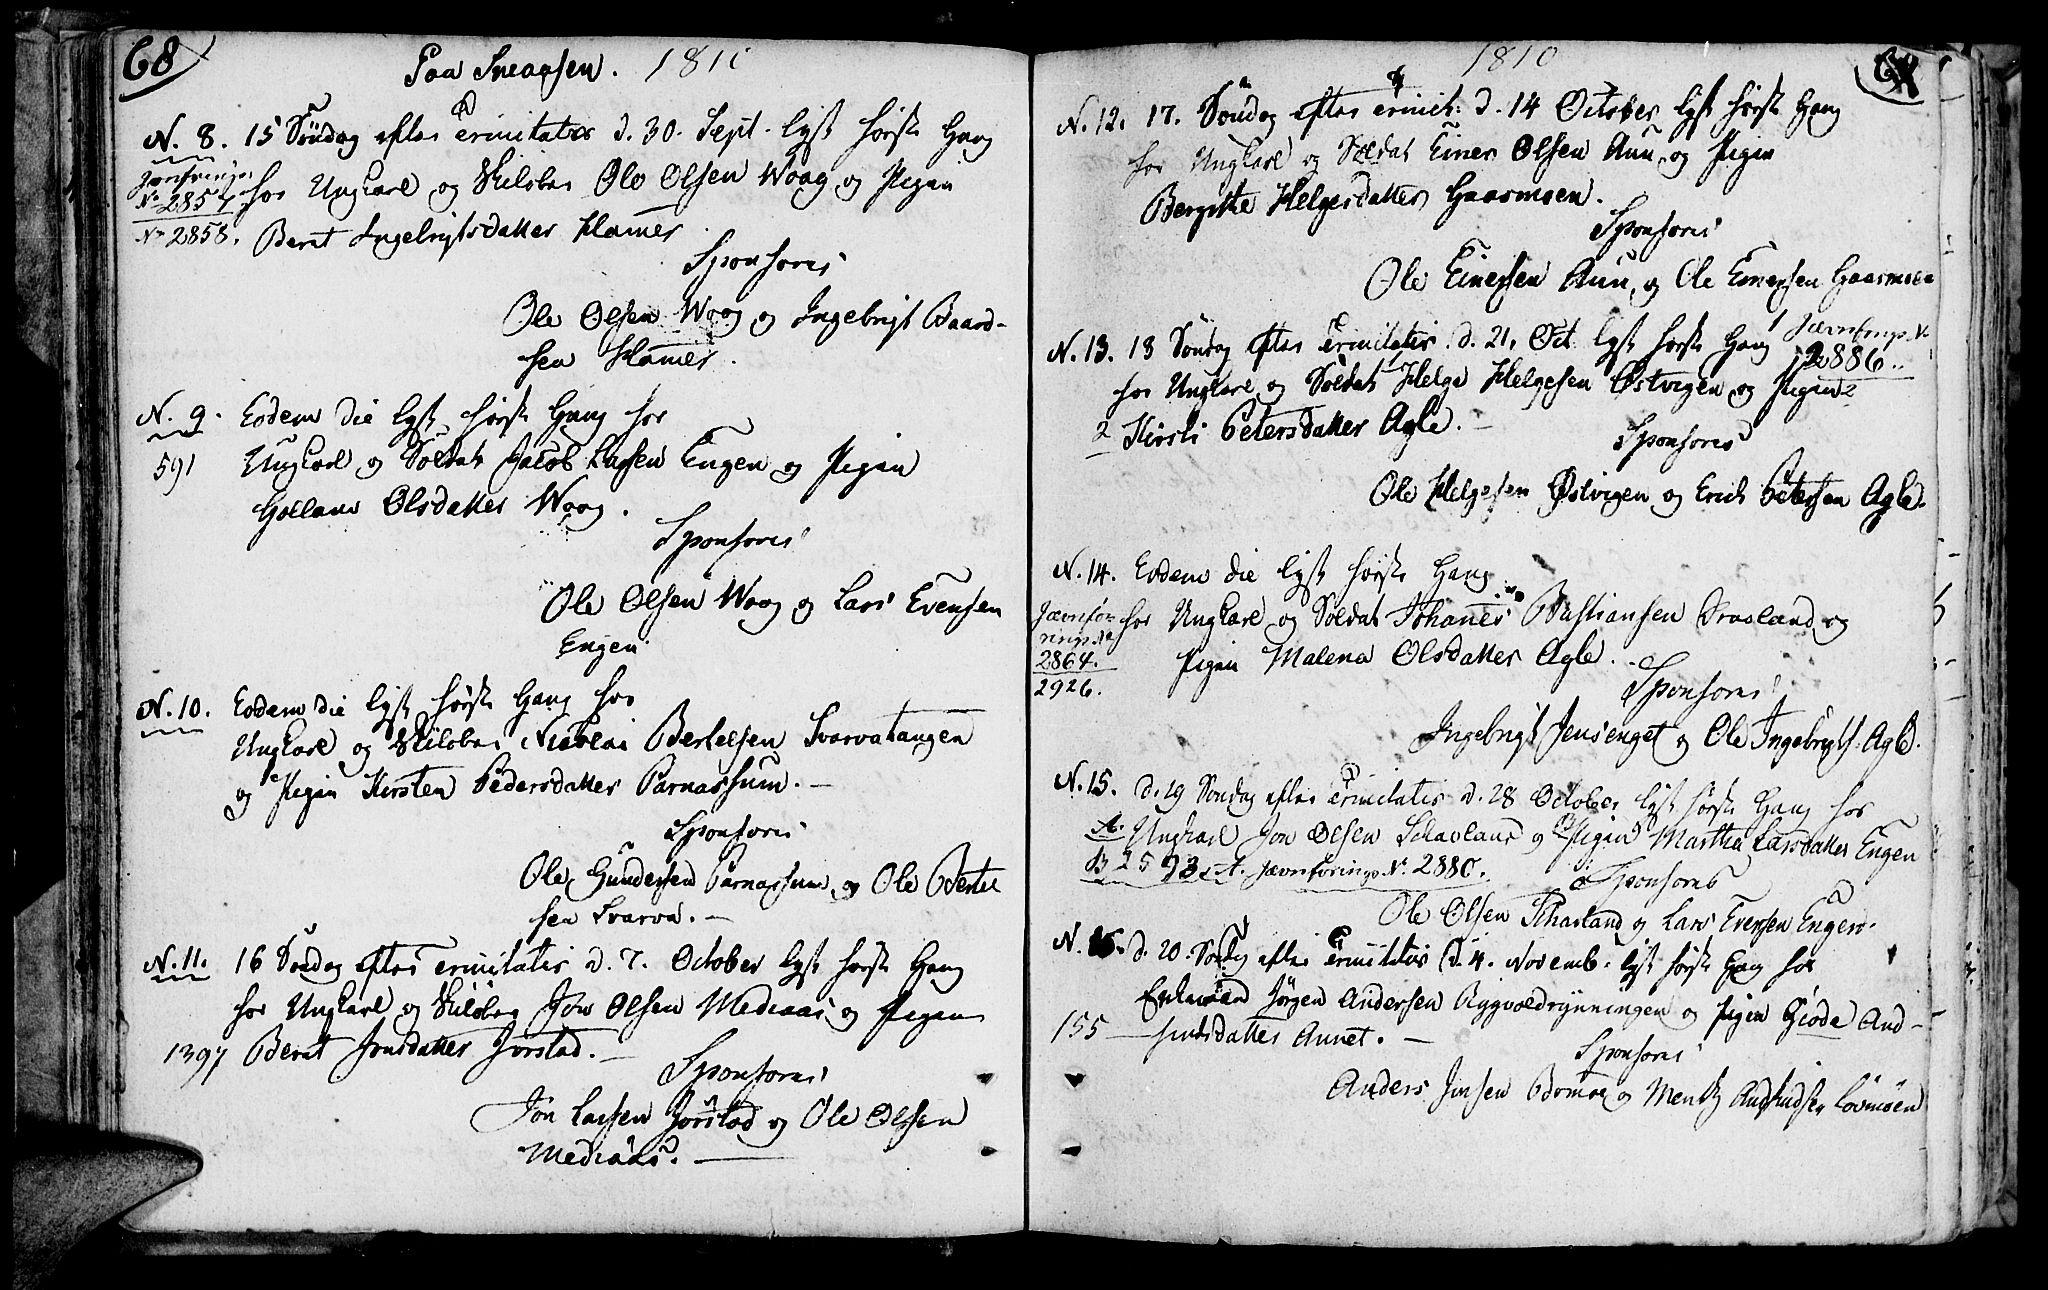 SAT, Ministerialprotokoller, klokkerbøker og fødselsregistre - Nord-Trøndelag, 749/L0468: Ministerialbok nr. 749A02, 1787-1817, s. 68-69